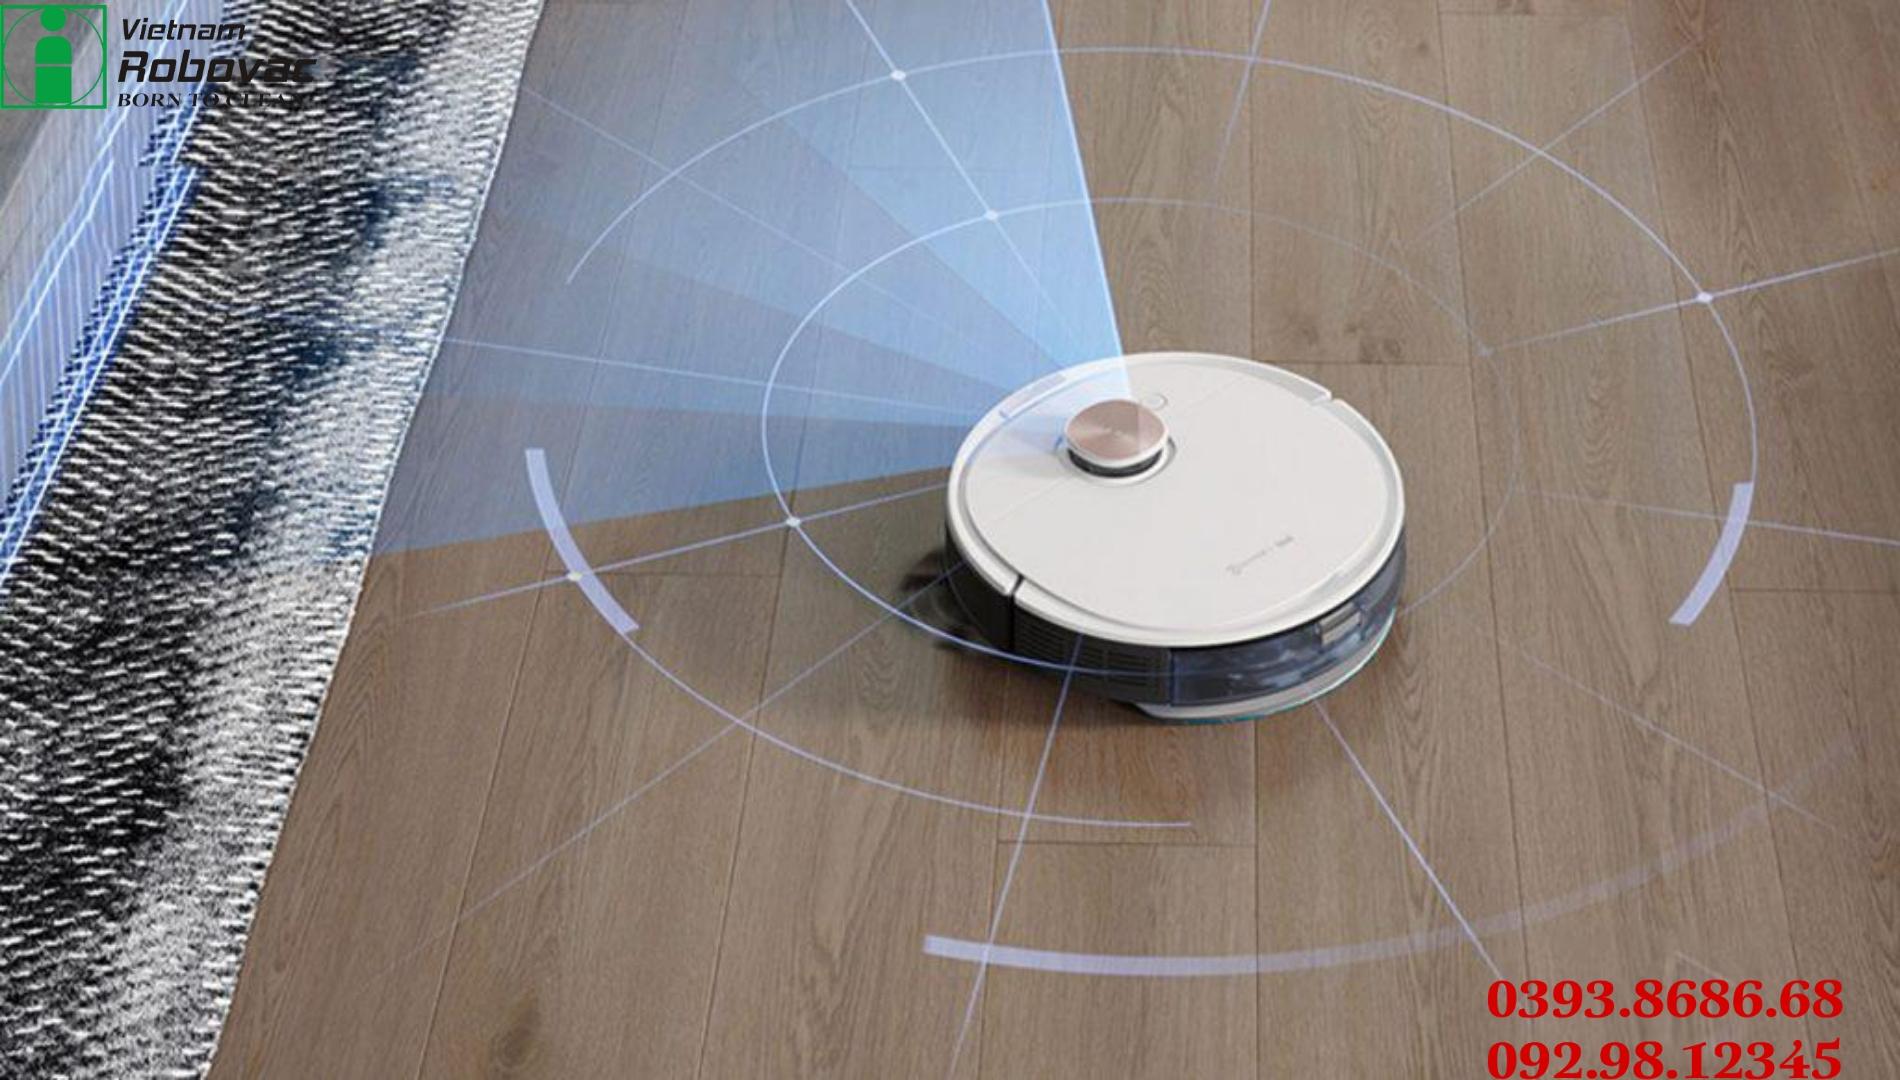 Robot hút bụi lau nhà thông minh Ecovacs DEEBOT OZMO T8, Bản Quốc tế 12